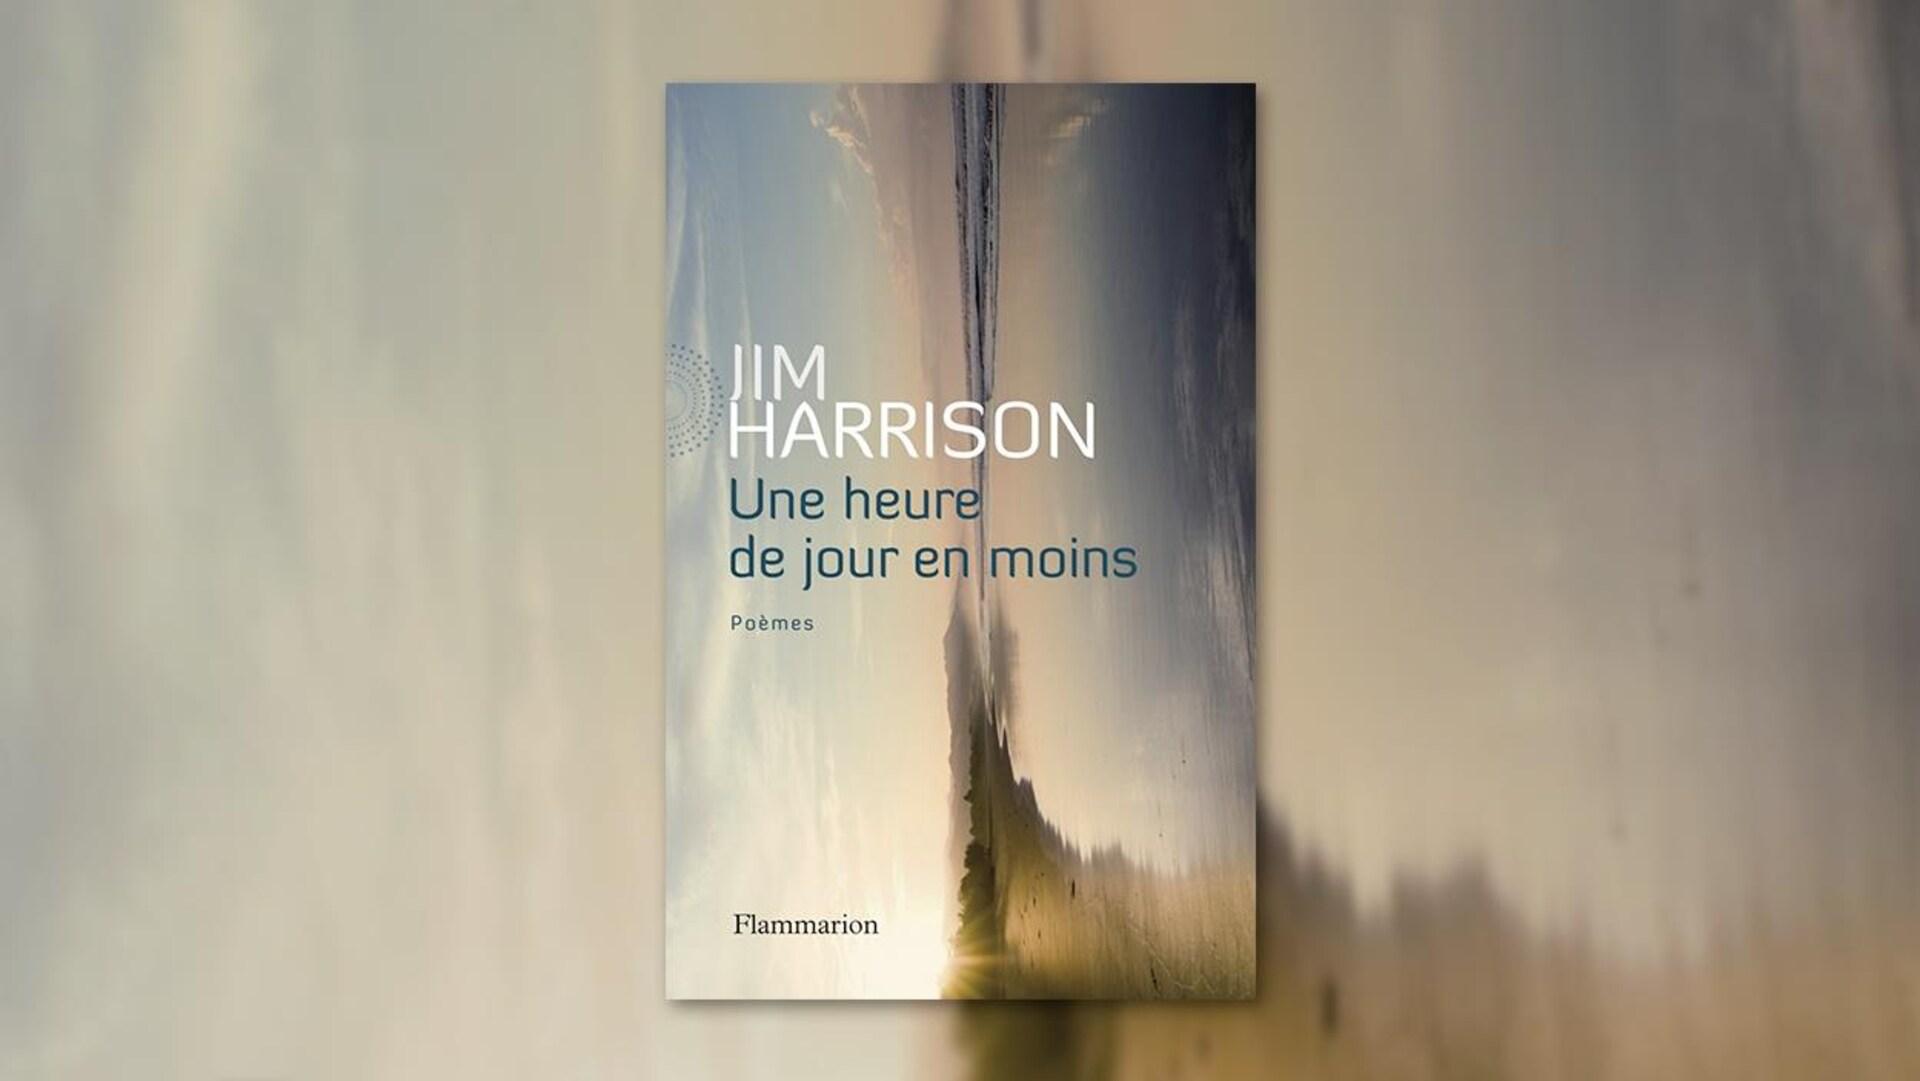 La couverture du livre «Une heure de jour en moins» de Jim Harrison